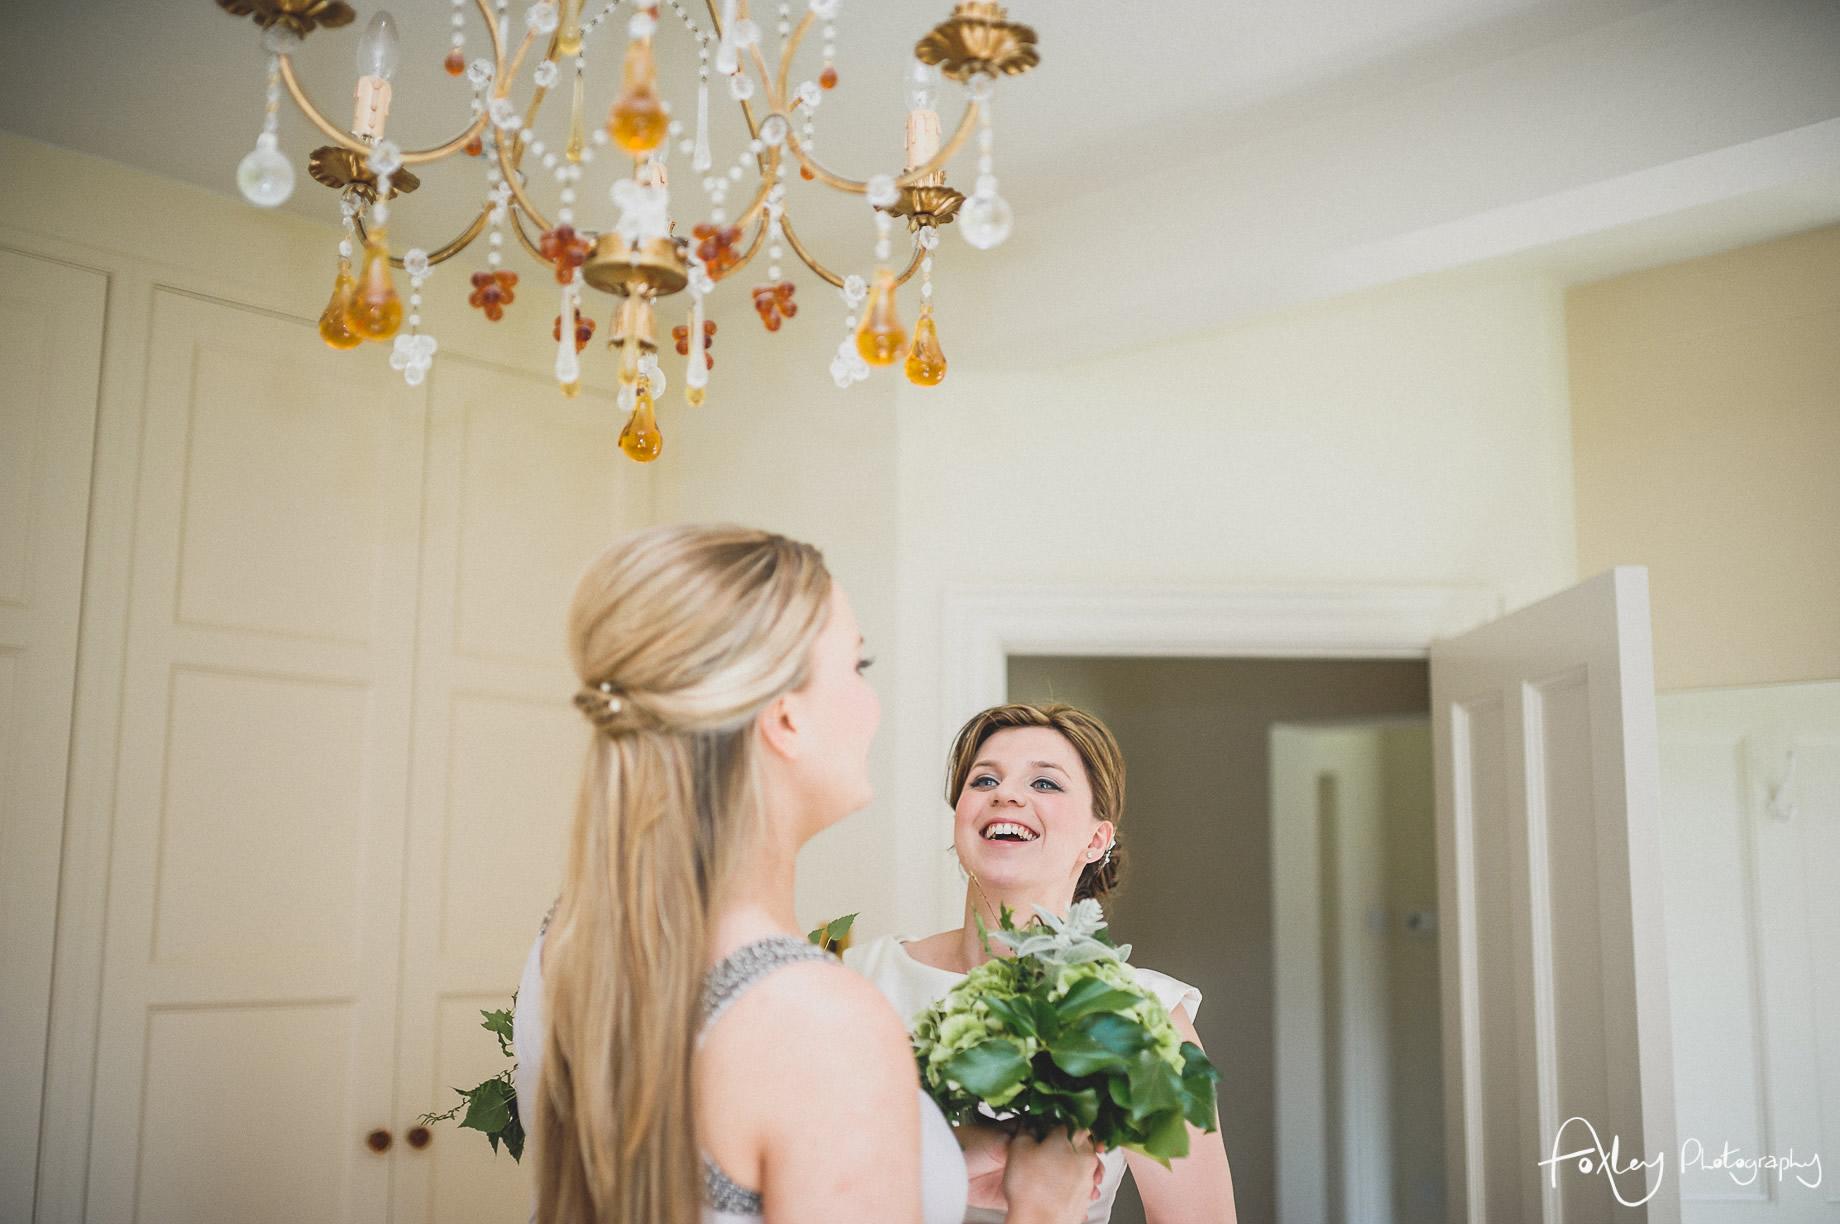 Simona-and-Robert-Wedding-at-Colshaw-Hall-091